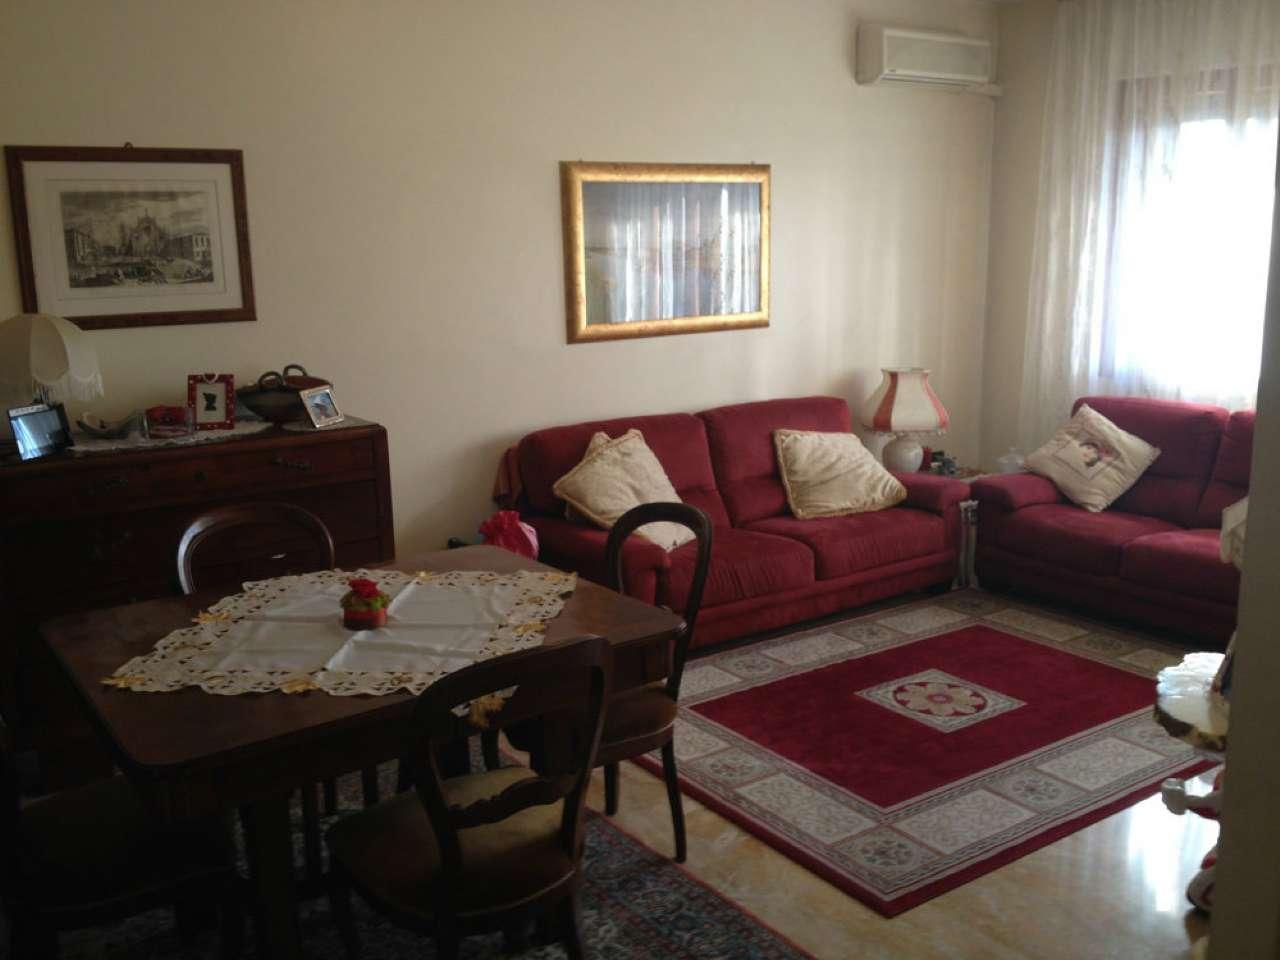 Appartamento in vendita a Venezia, 5 locali, zona Zona: 12 . Marghera, prezzo € 128.000 | CambioCasa.it